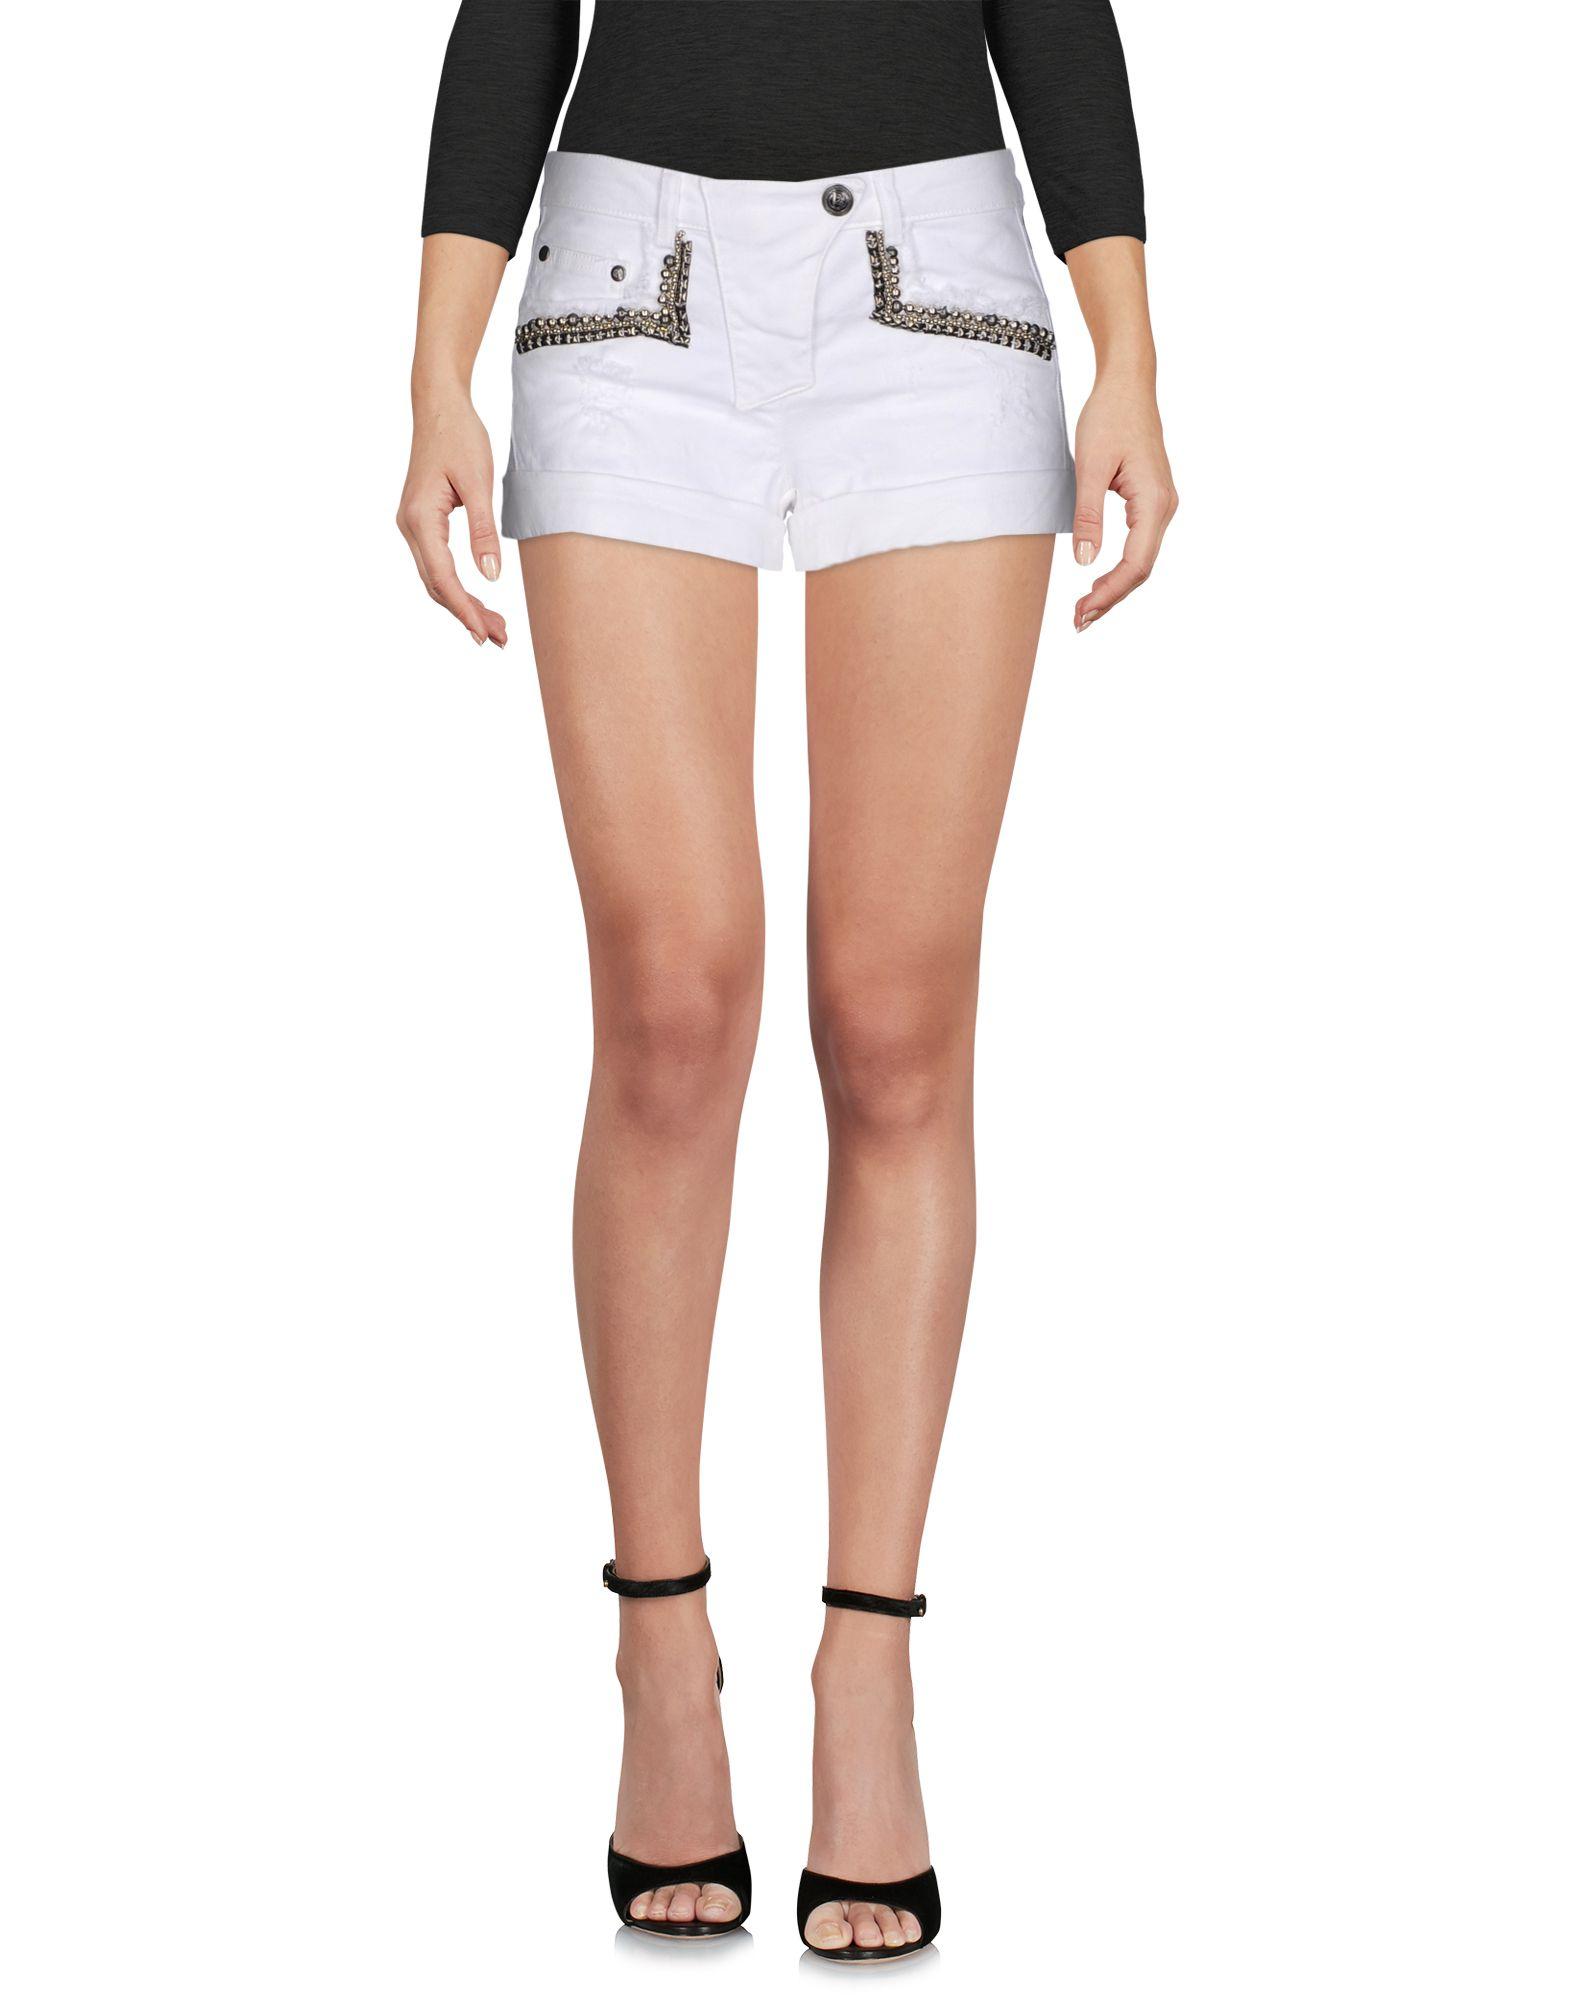 PIERRE BALMAIN Джинсовые шорты туника белая с рисунком byblos ут 00003790